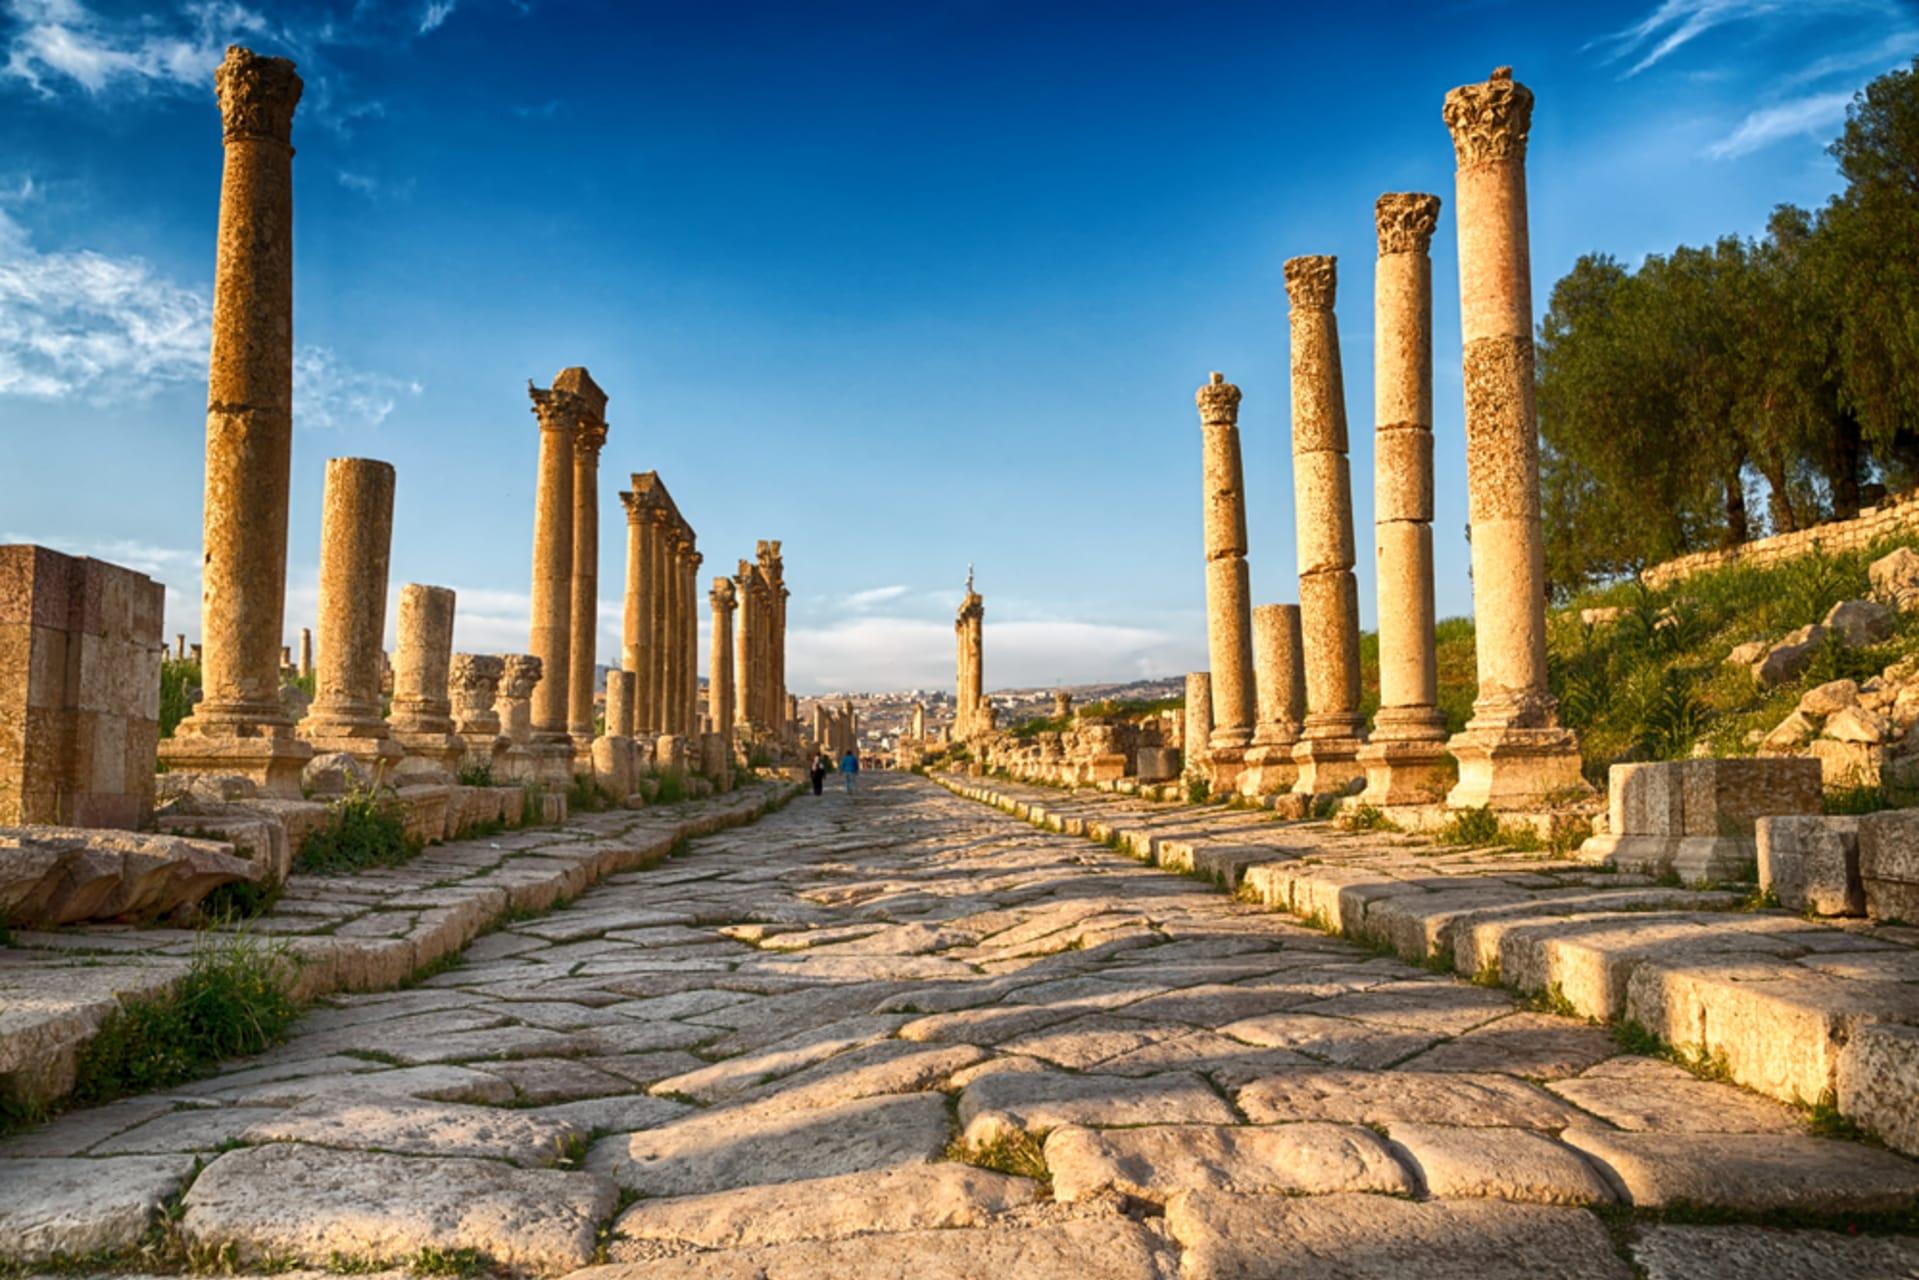 Amman - Jerash ancient city